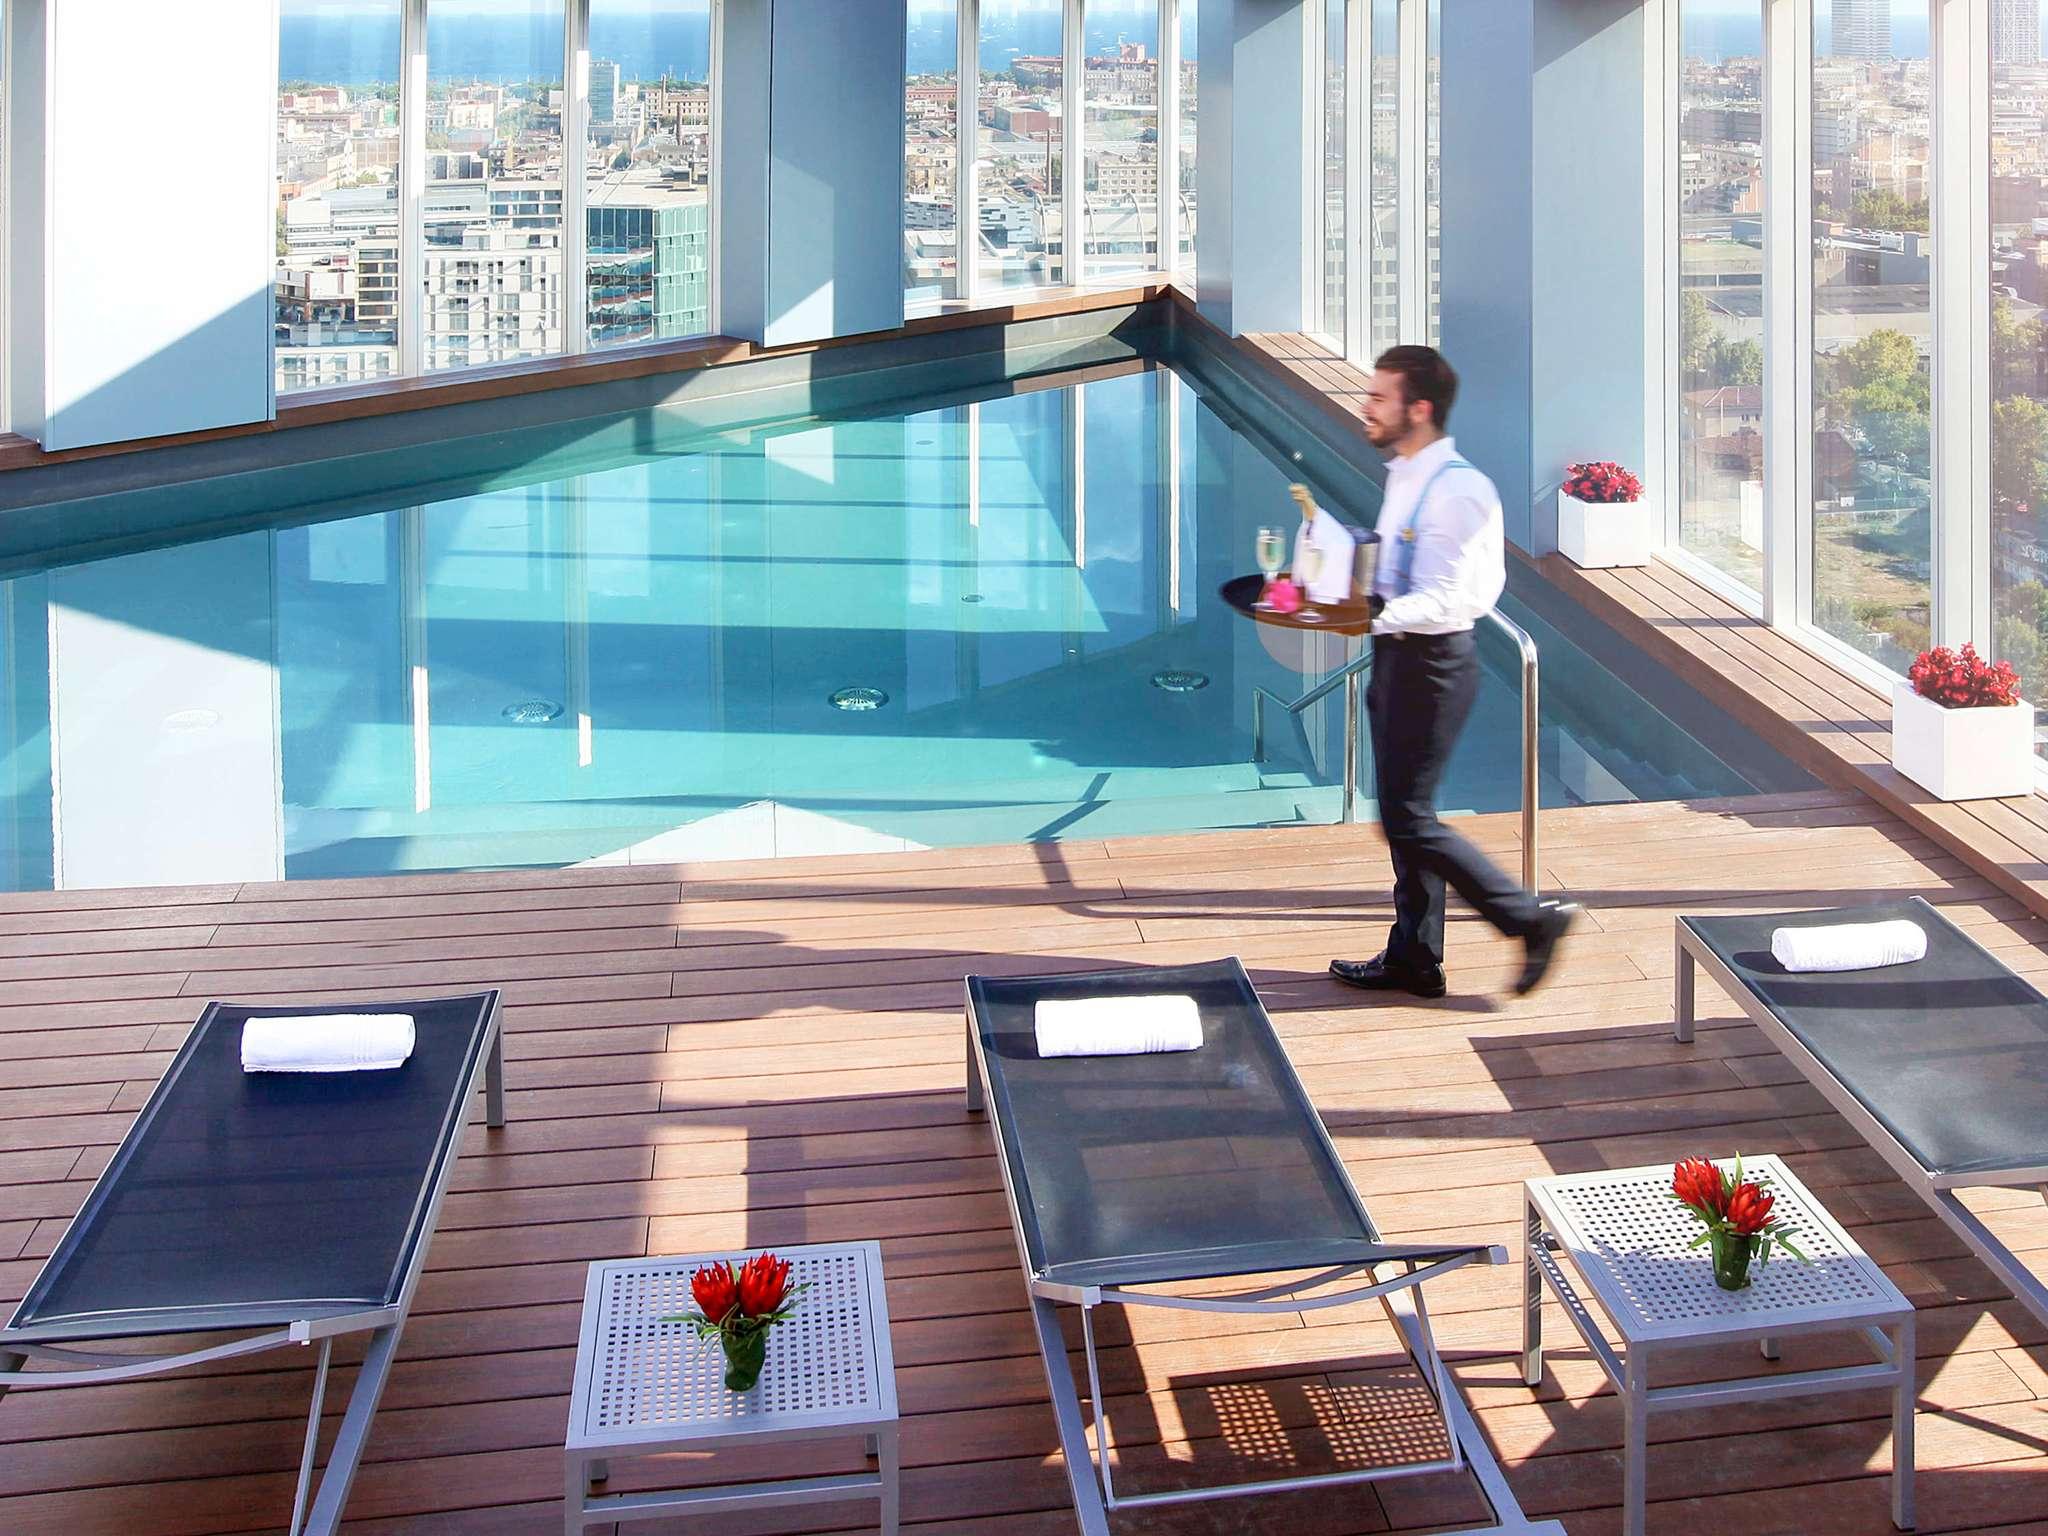 Hotel a BARCELONA - Prenota in questo esclusivo Novotel di Barcellona.